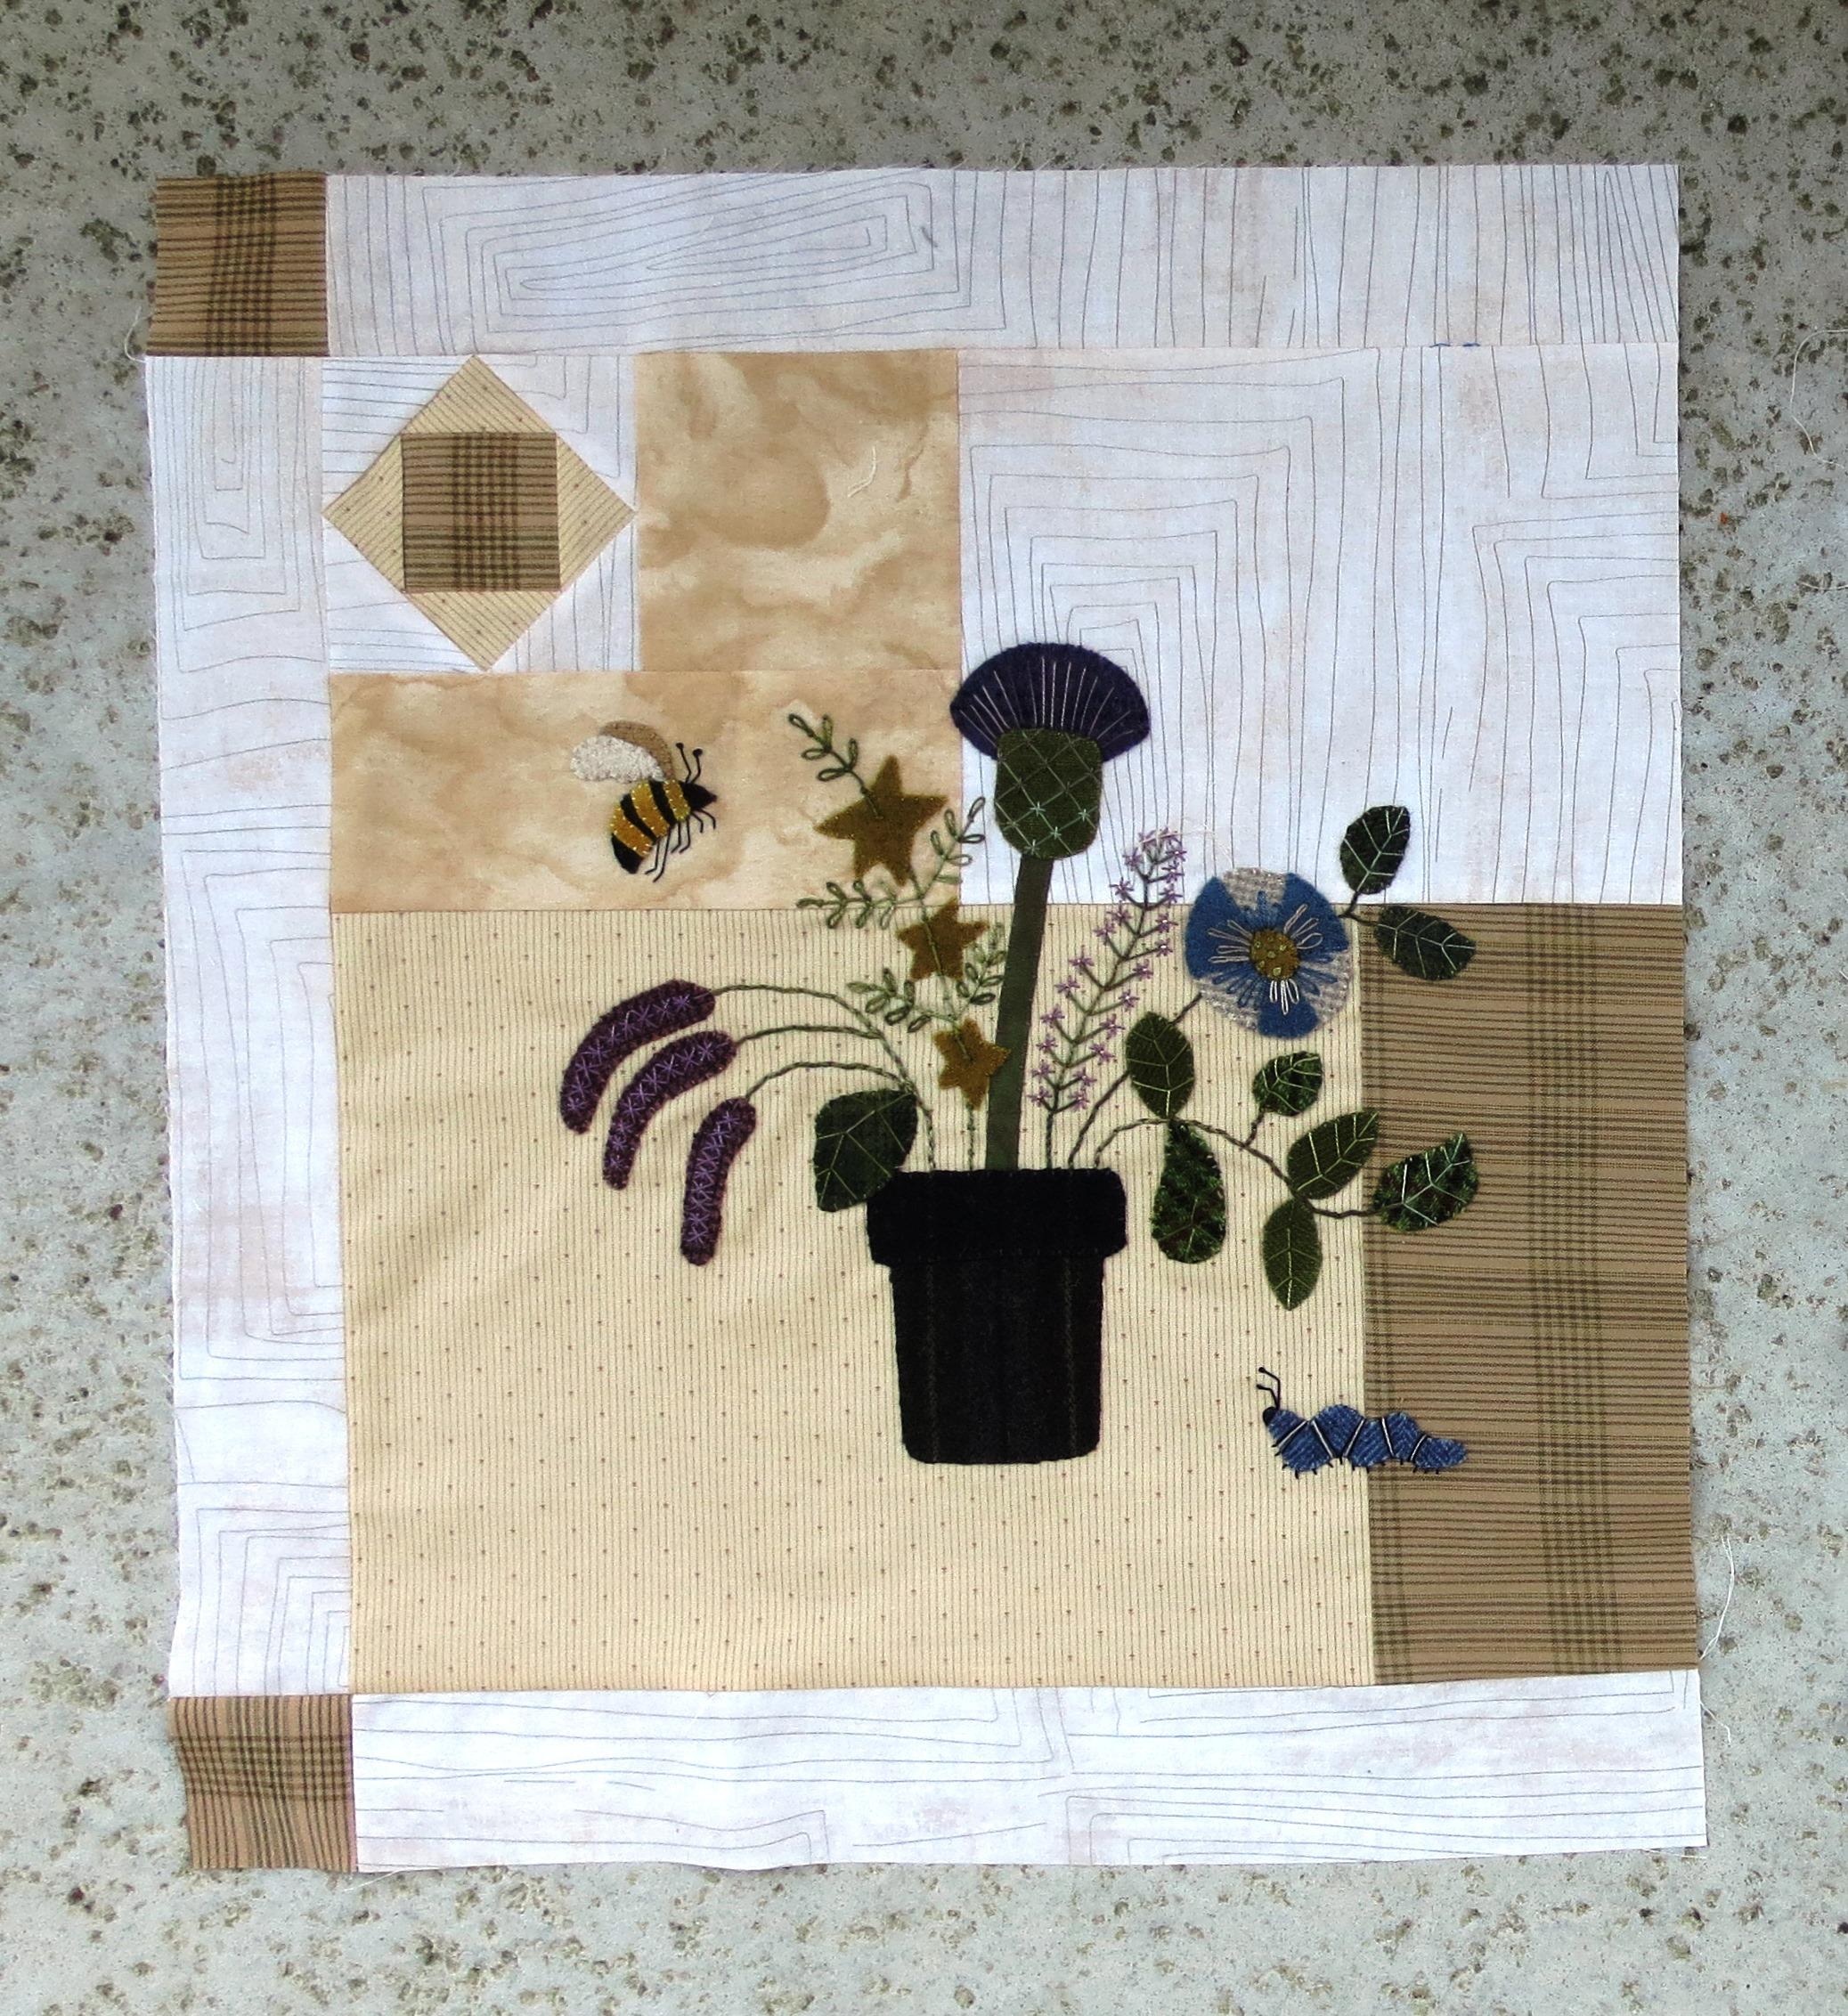 Flowers From My Garden Sashing and Corner Blocks2.jpg